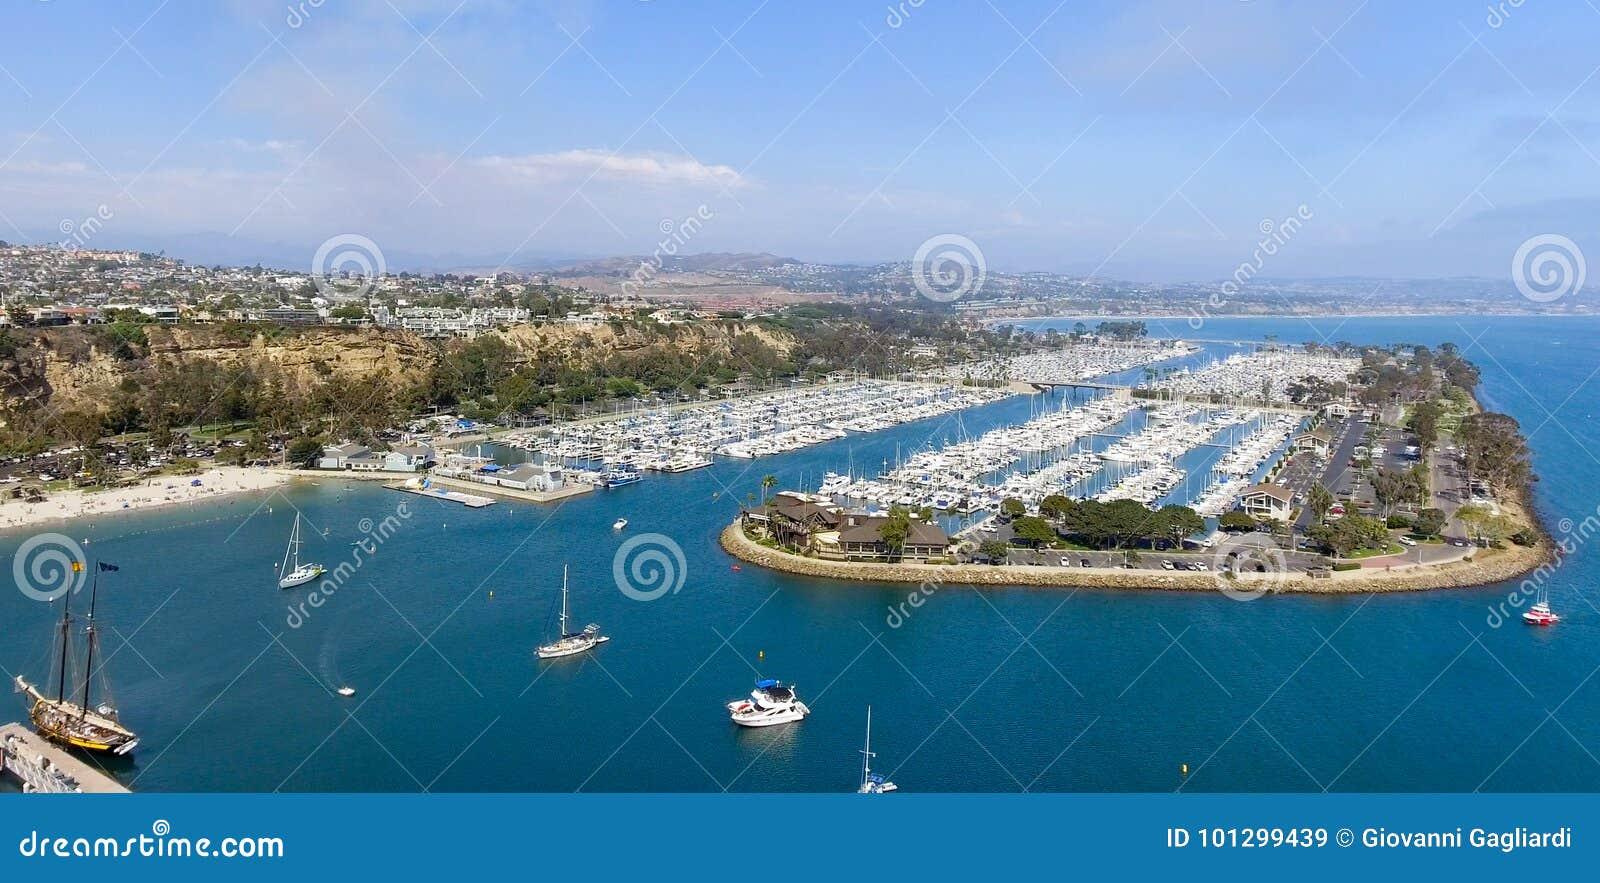 加利福尼亚Dana Point 全景鸟瞰图